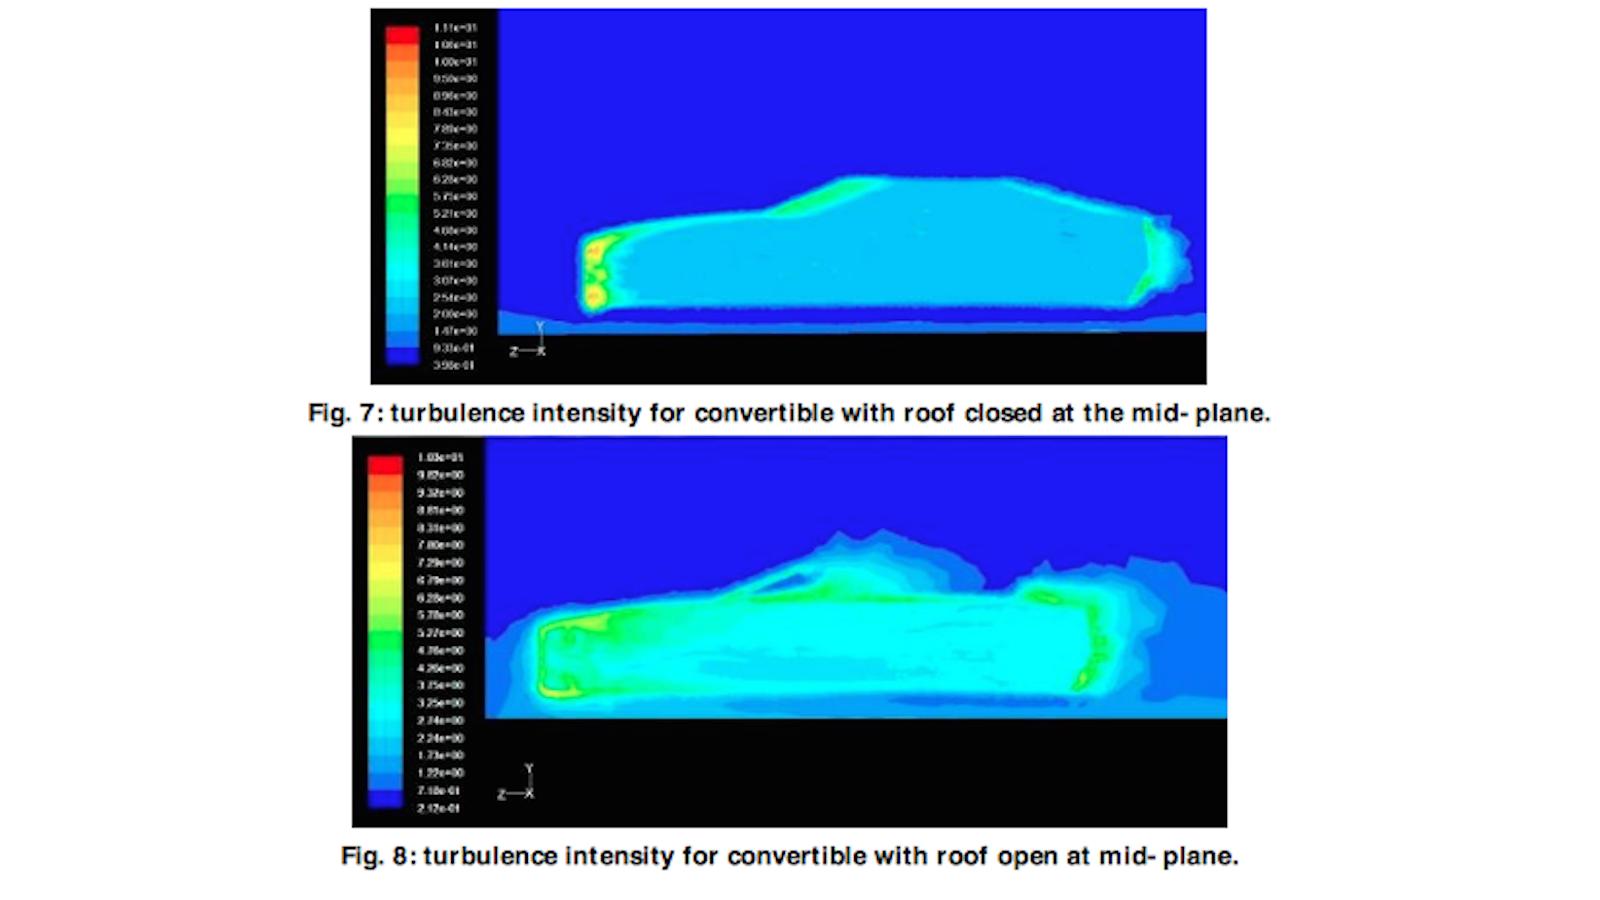 Hardtops: Extra Weight or Aerodynamic Advantage?